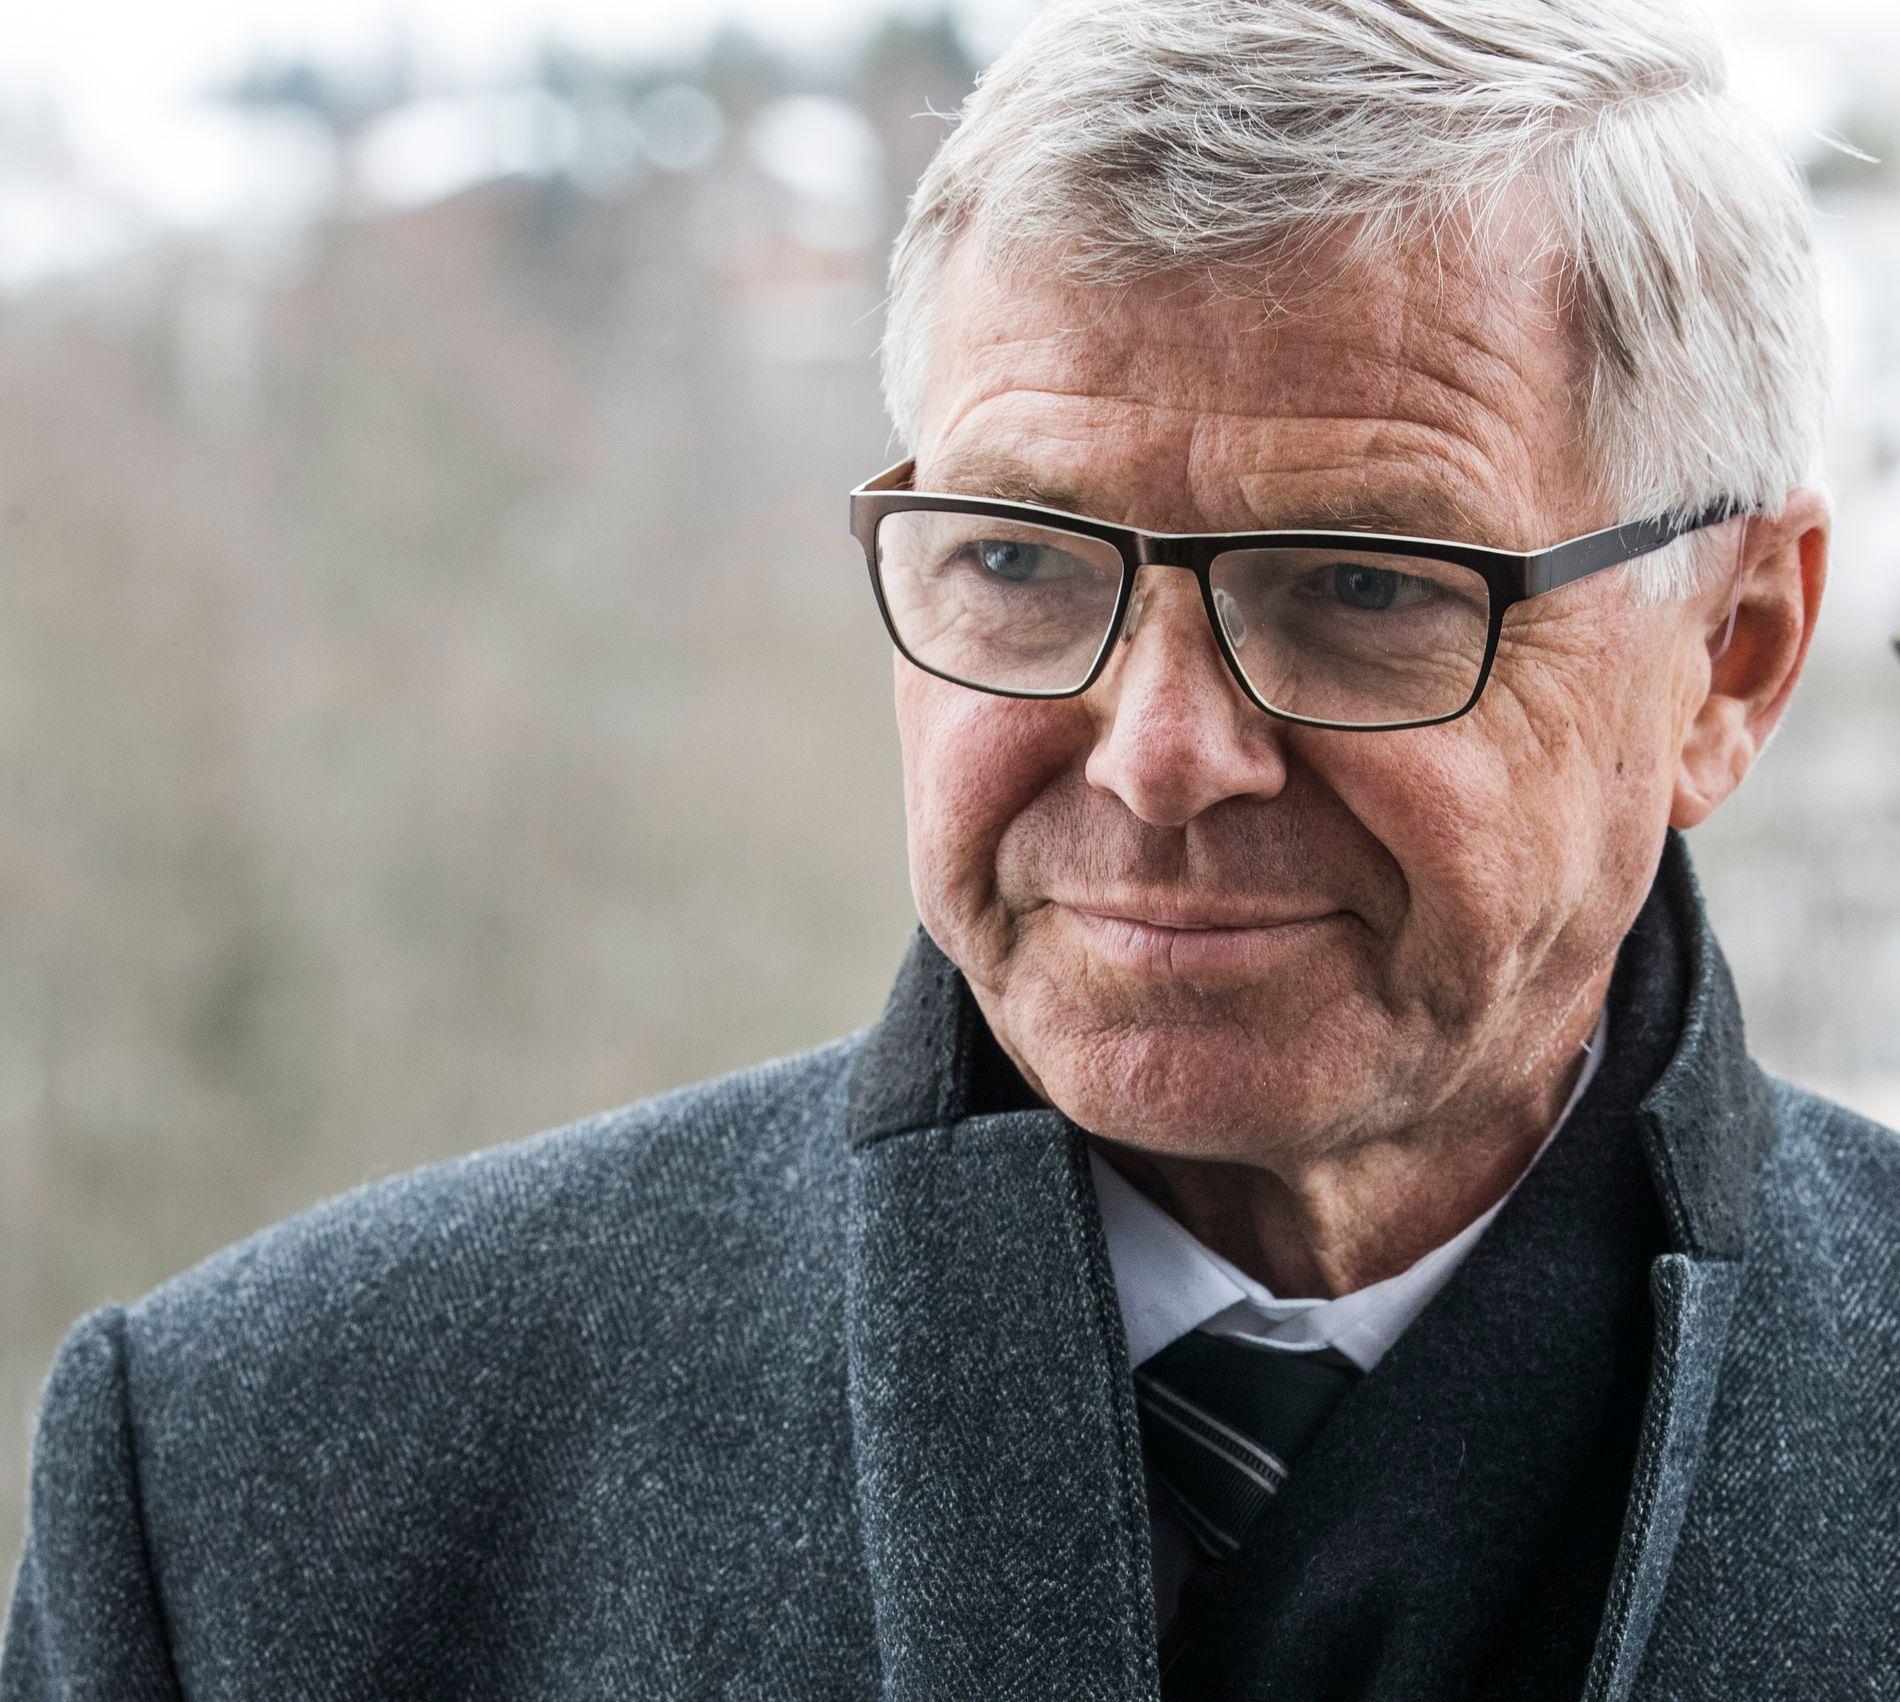 KRISTNE PRESSET: Arbeidende styreleder i Oslosenteret, Kjell Magne Bondevik, sier de kristne over tid har vært sterkt presset på Sri Lanka.